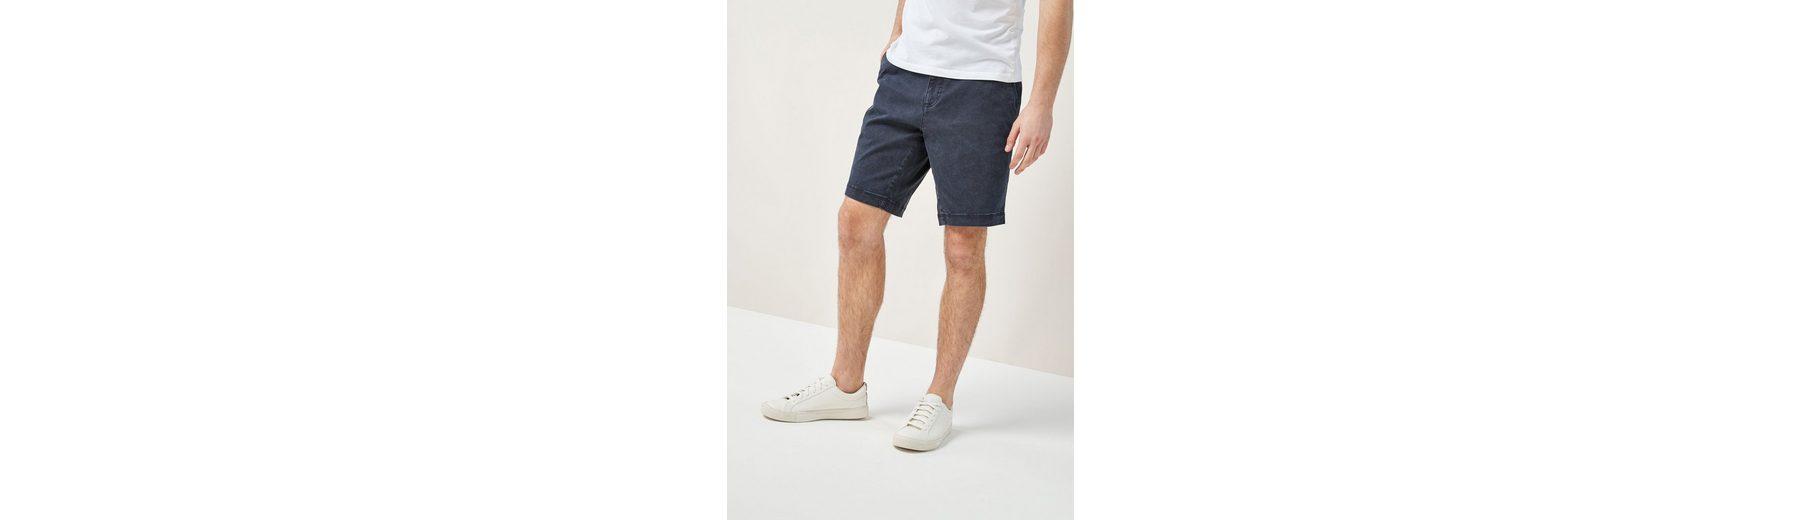 Next Gewaschene Chino-Shorts Wirklich Zum Verkauf IwyPoWDVfX